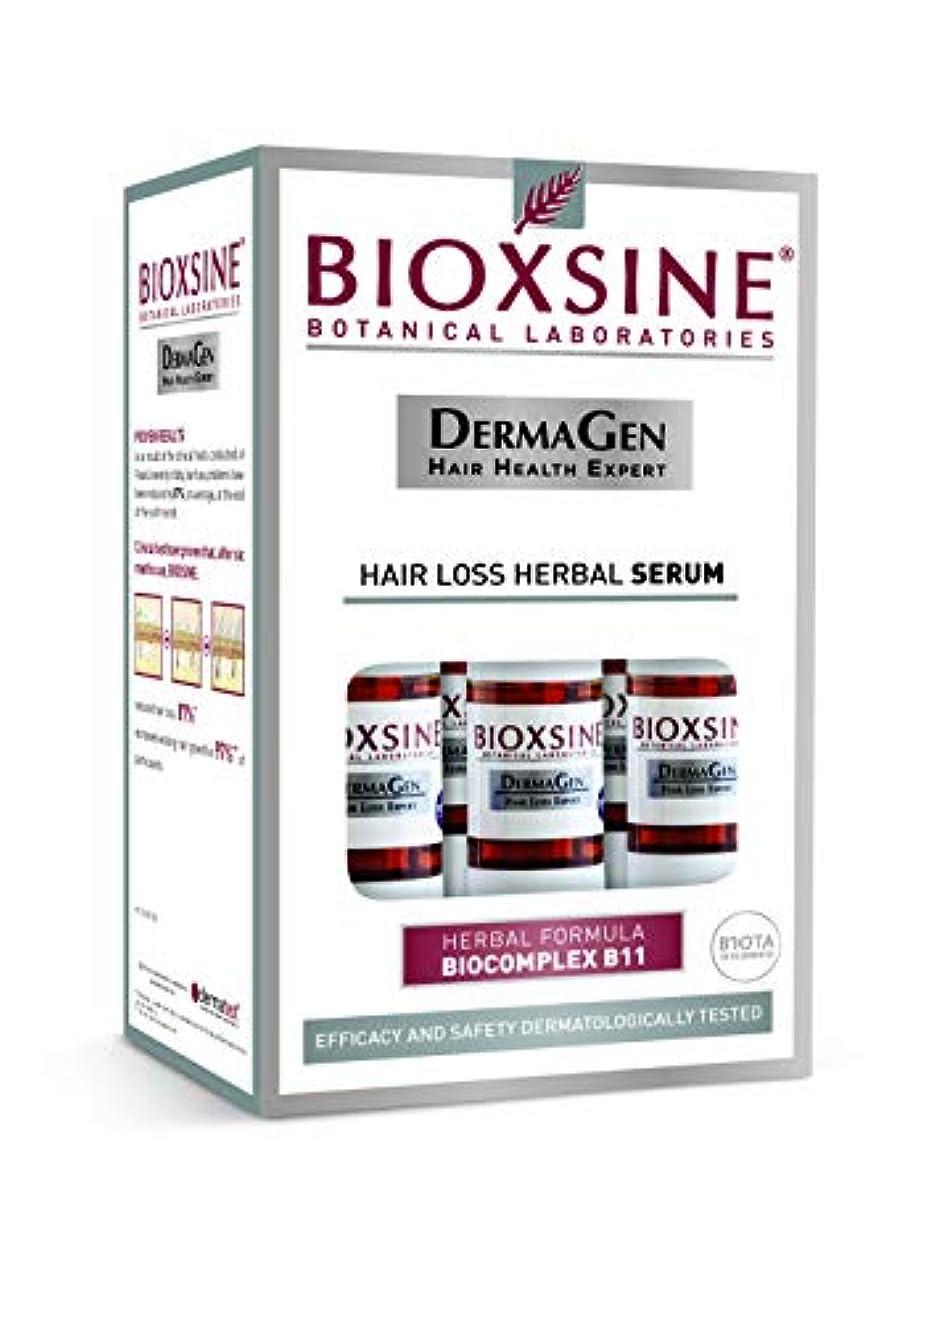 原因思いつく繰り返し無香料の男性のためのBIOXSINEの毛損失の草の血清 - Biocomplex B11元の